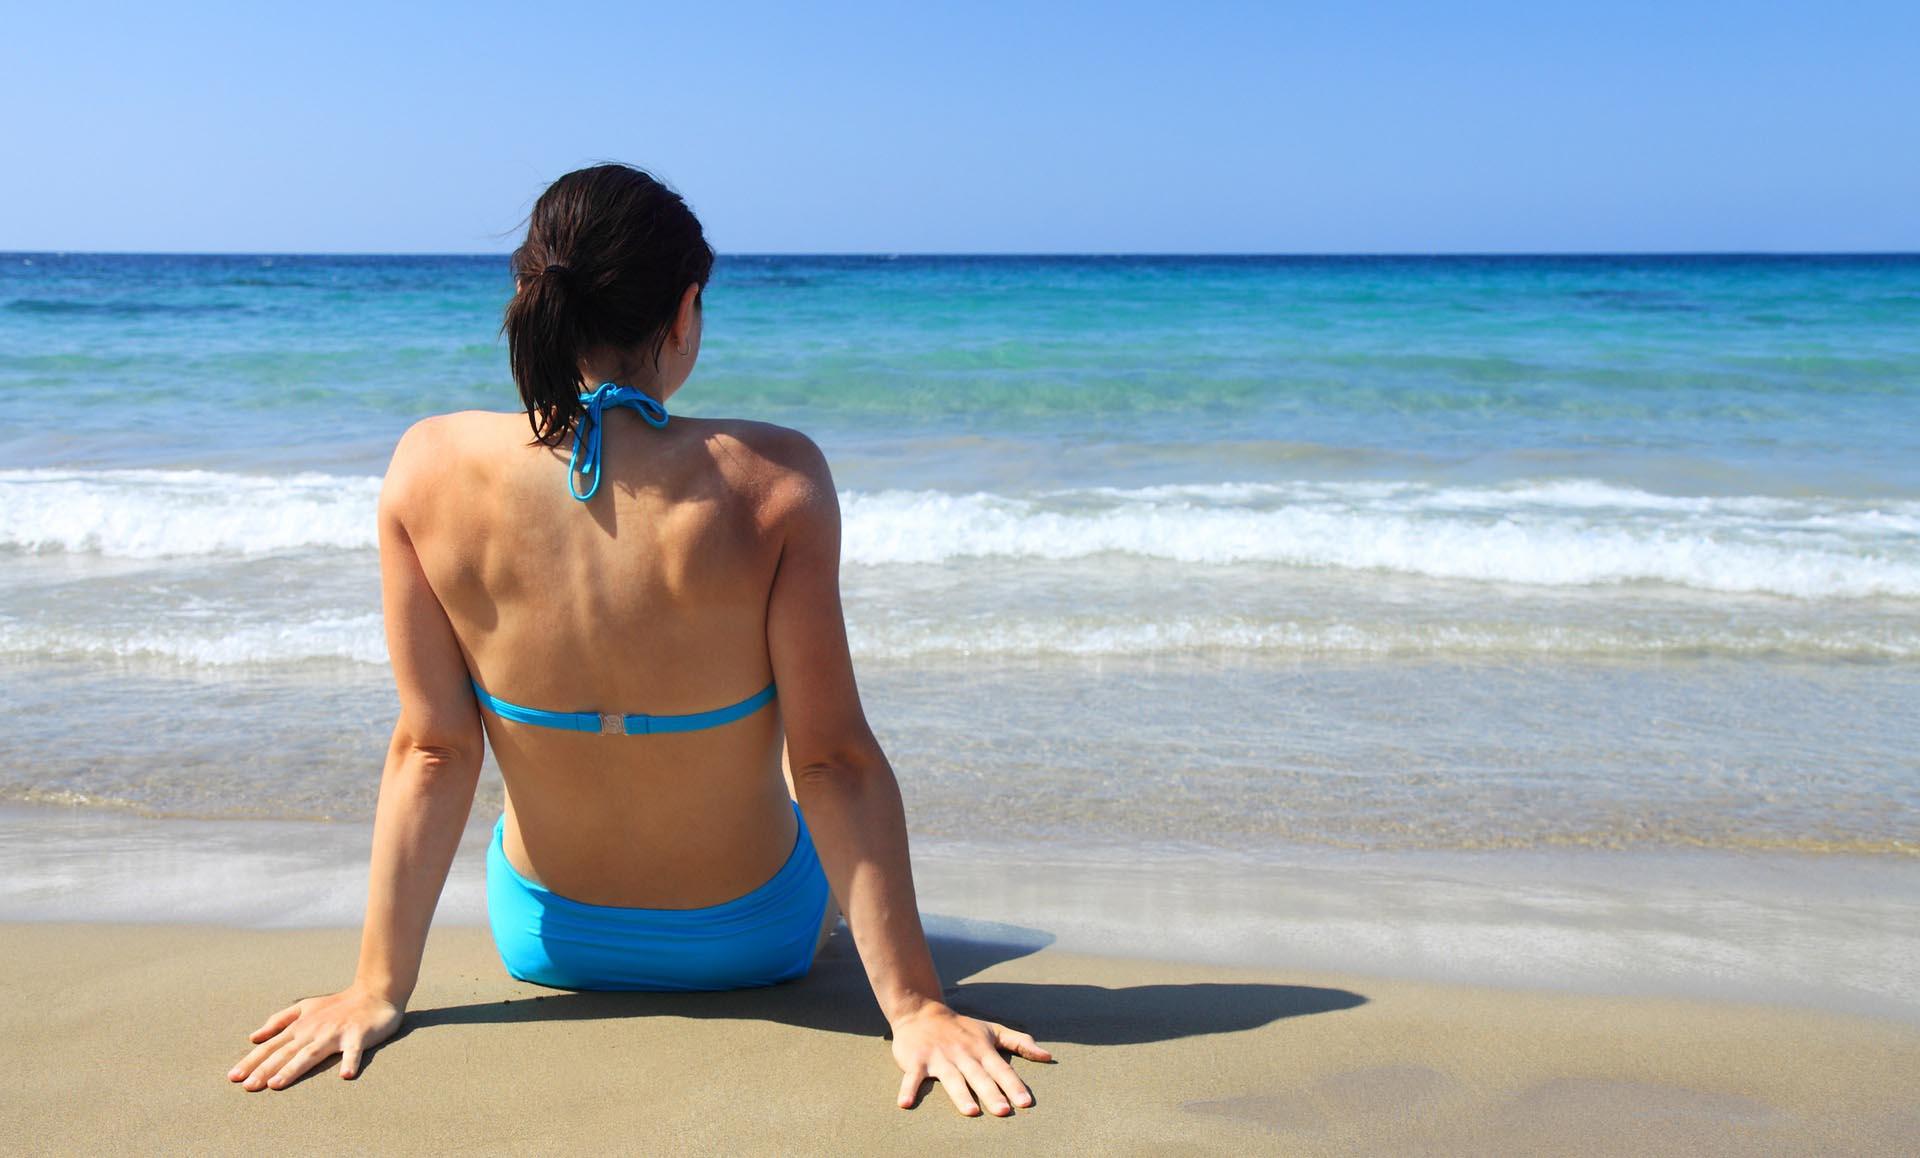 La opsina 3 podría ser el receptor que detecta los rayos UVA y señala un aumento en la producción de melanina, según reveló un estudio